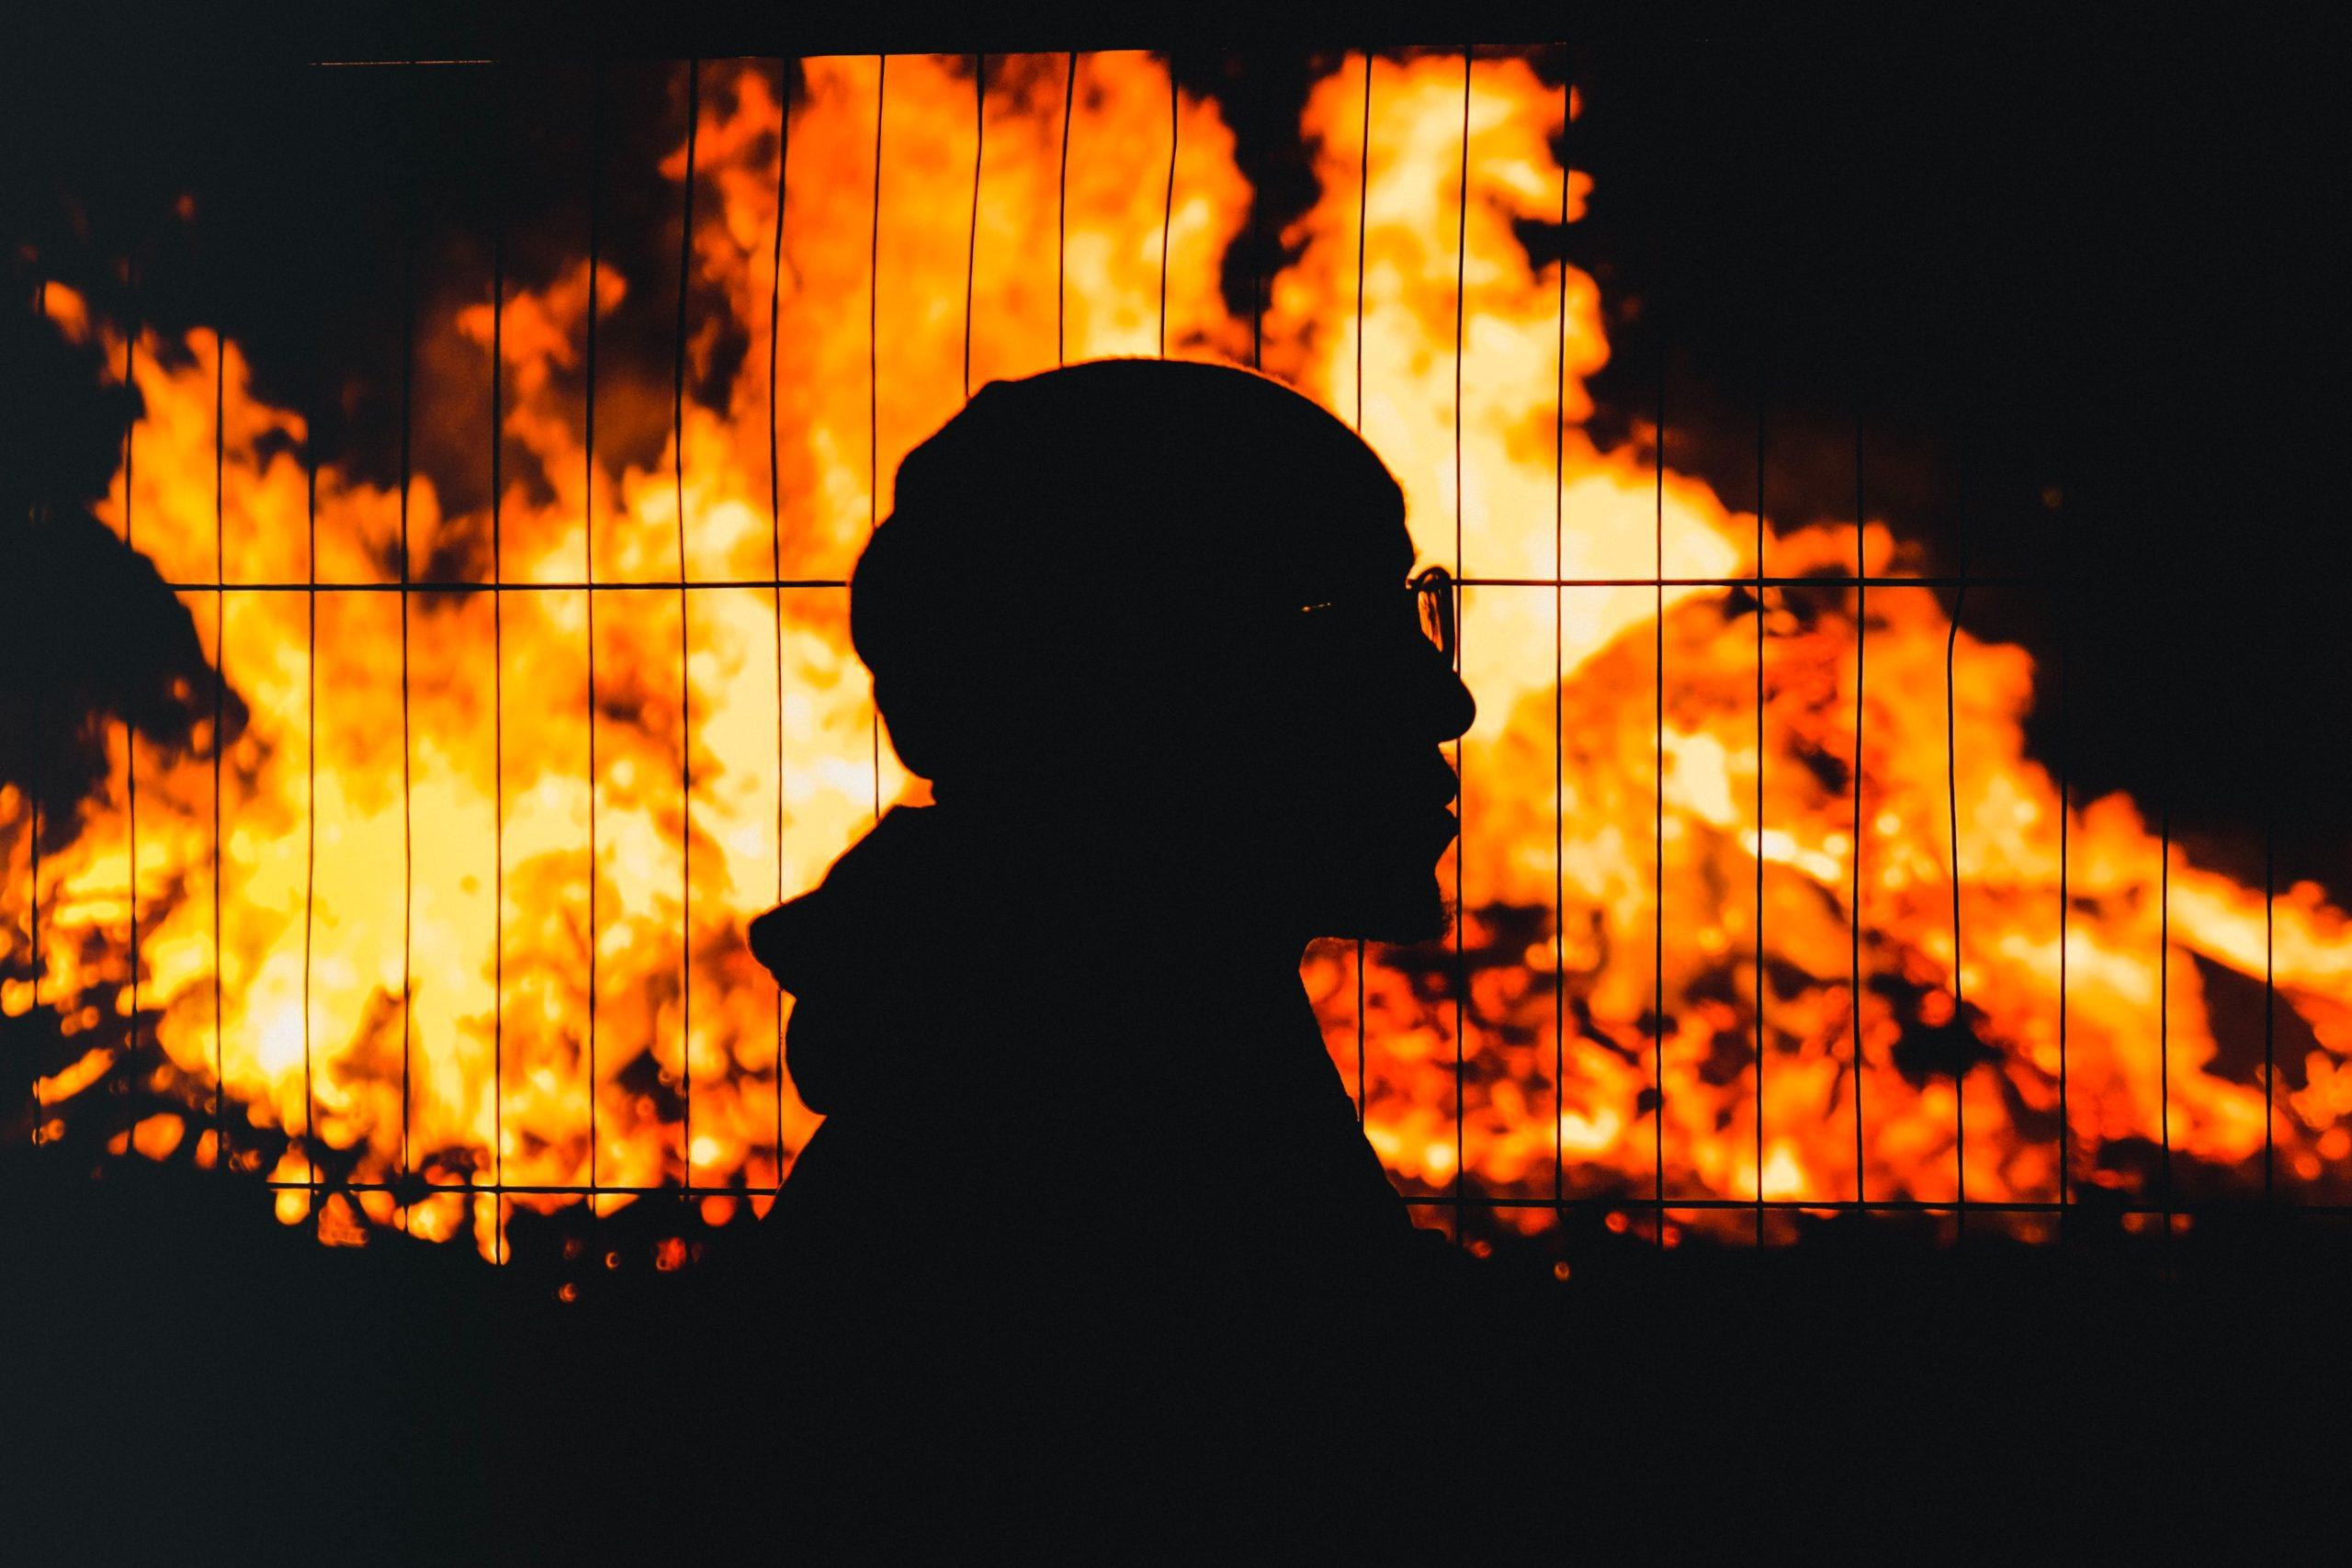 火災事故の現状